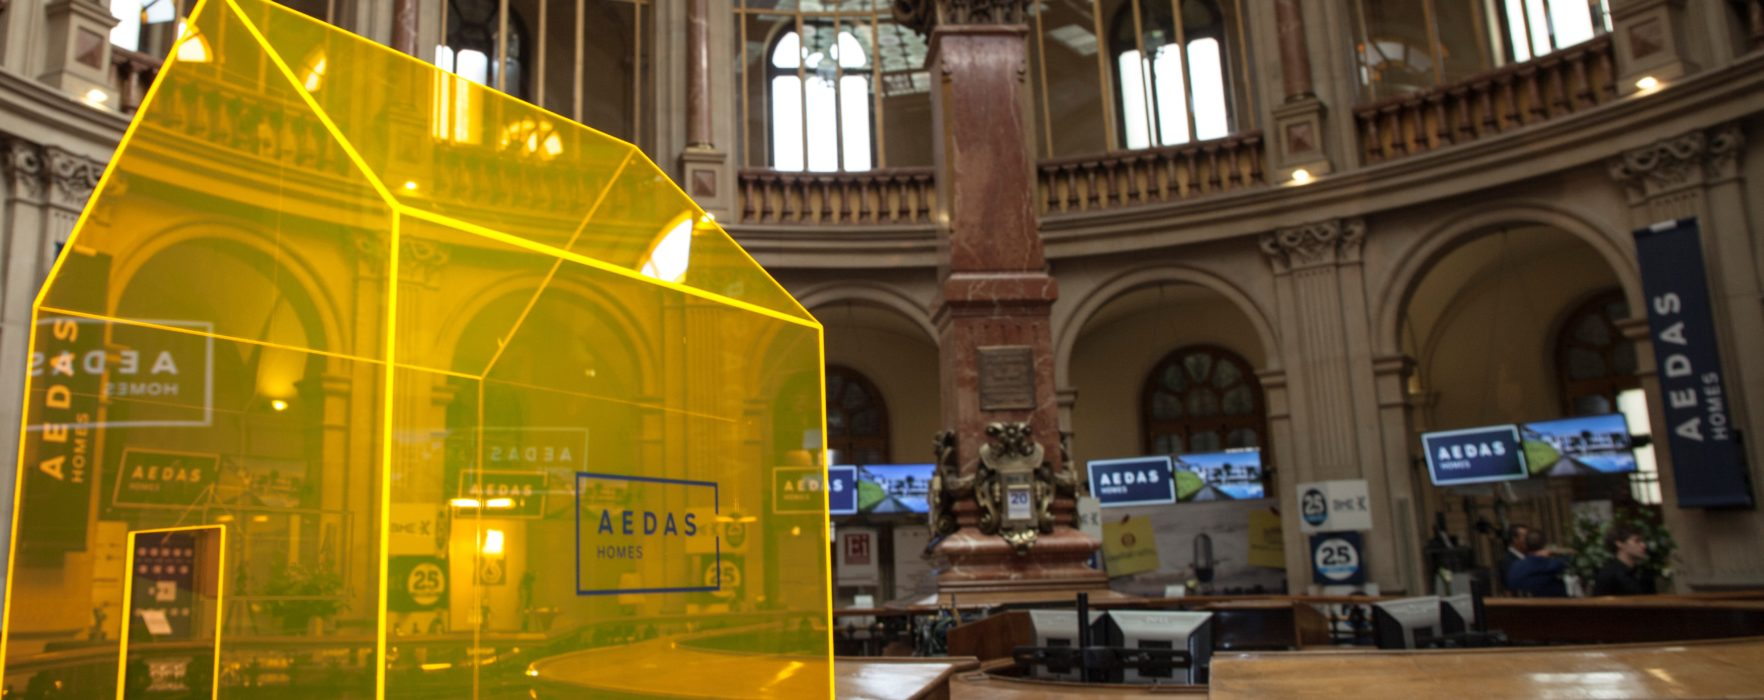 AEDAS Homes alcanza el umbral de rentabilidad  en su primer semestre como cotizada